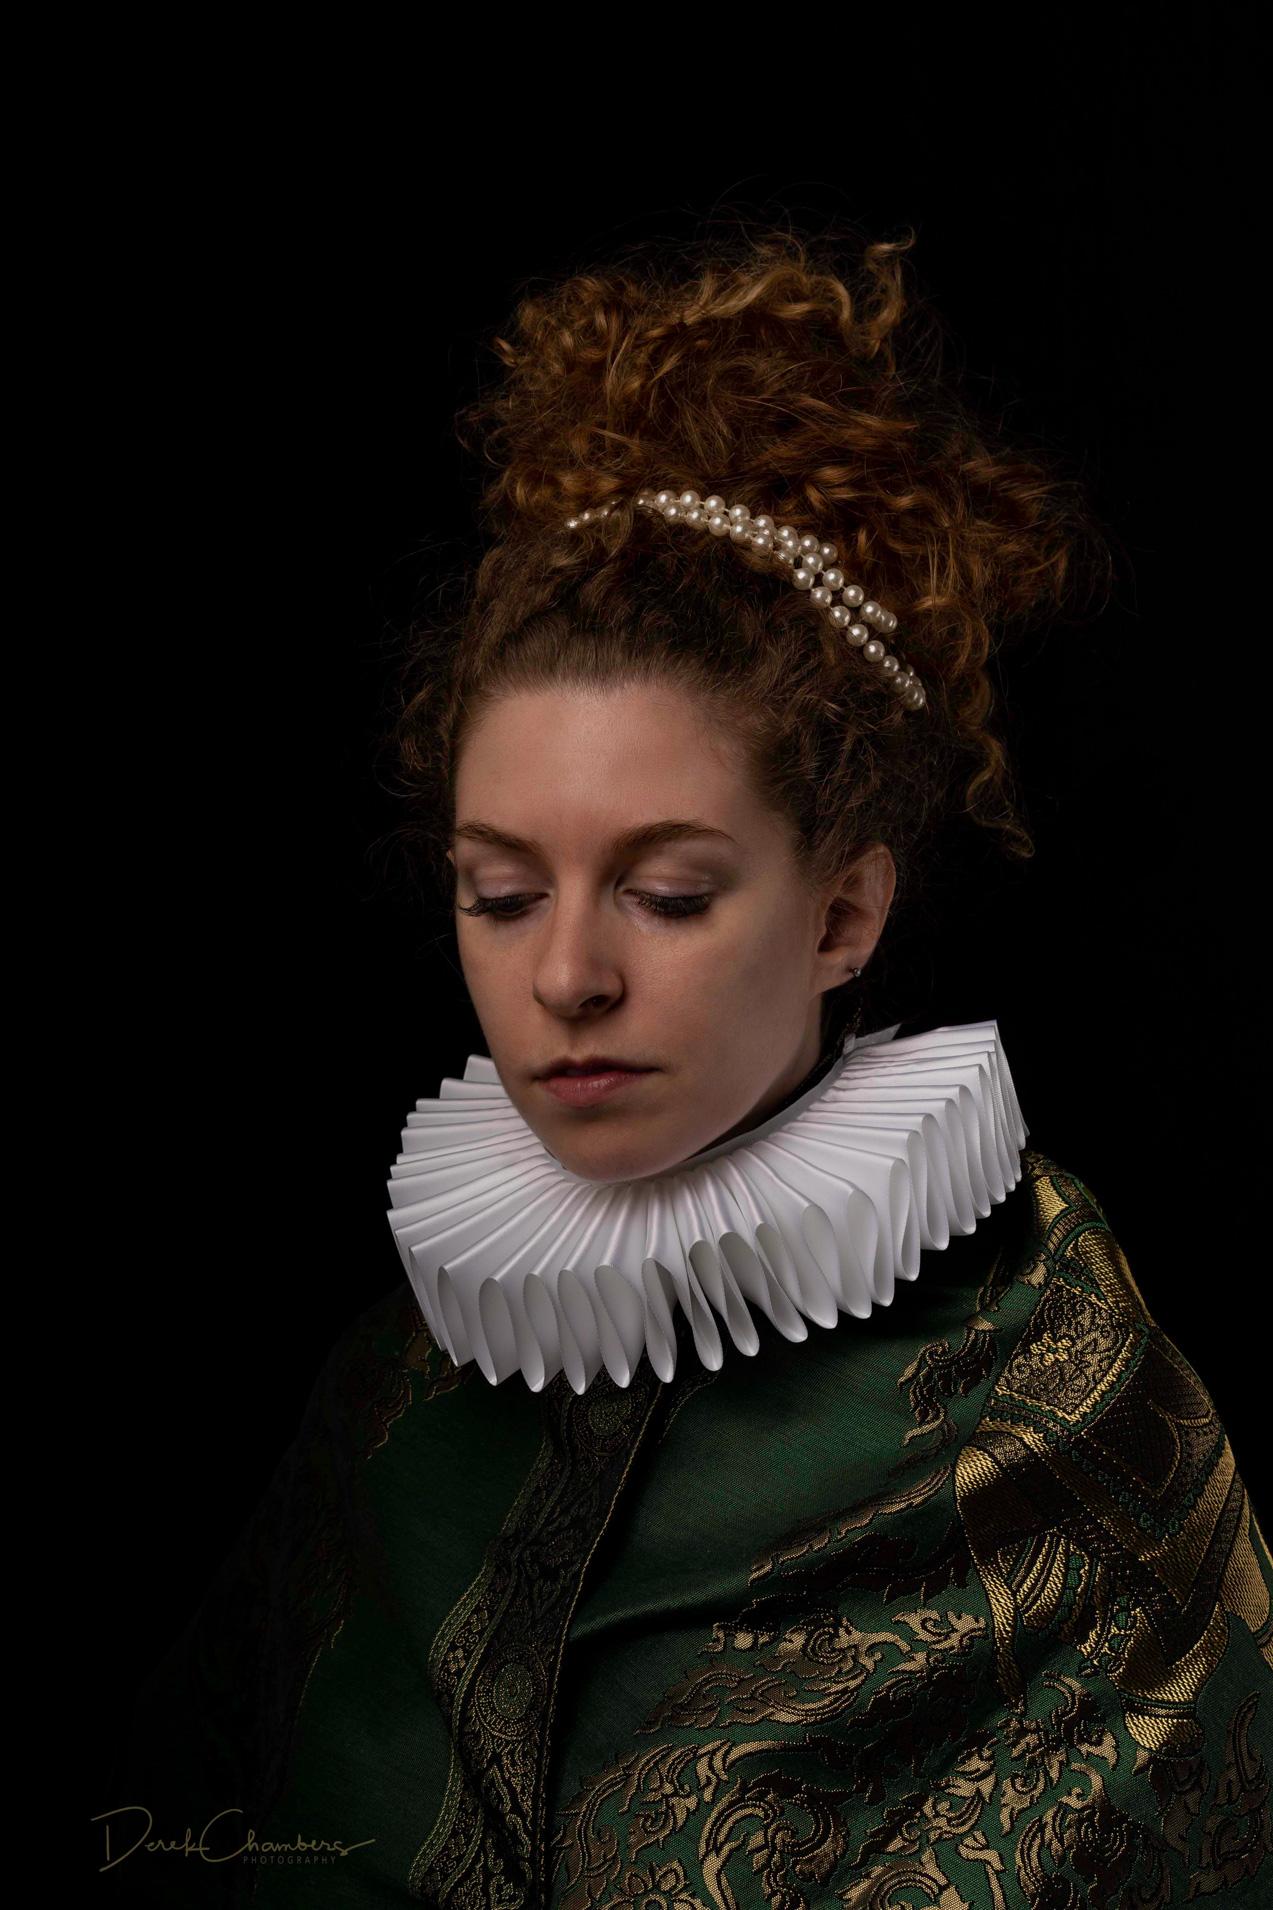 Portrait - Elsji de Graaf, Leiden 1628 - Derek Chambers S5328